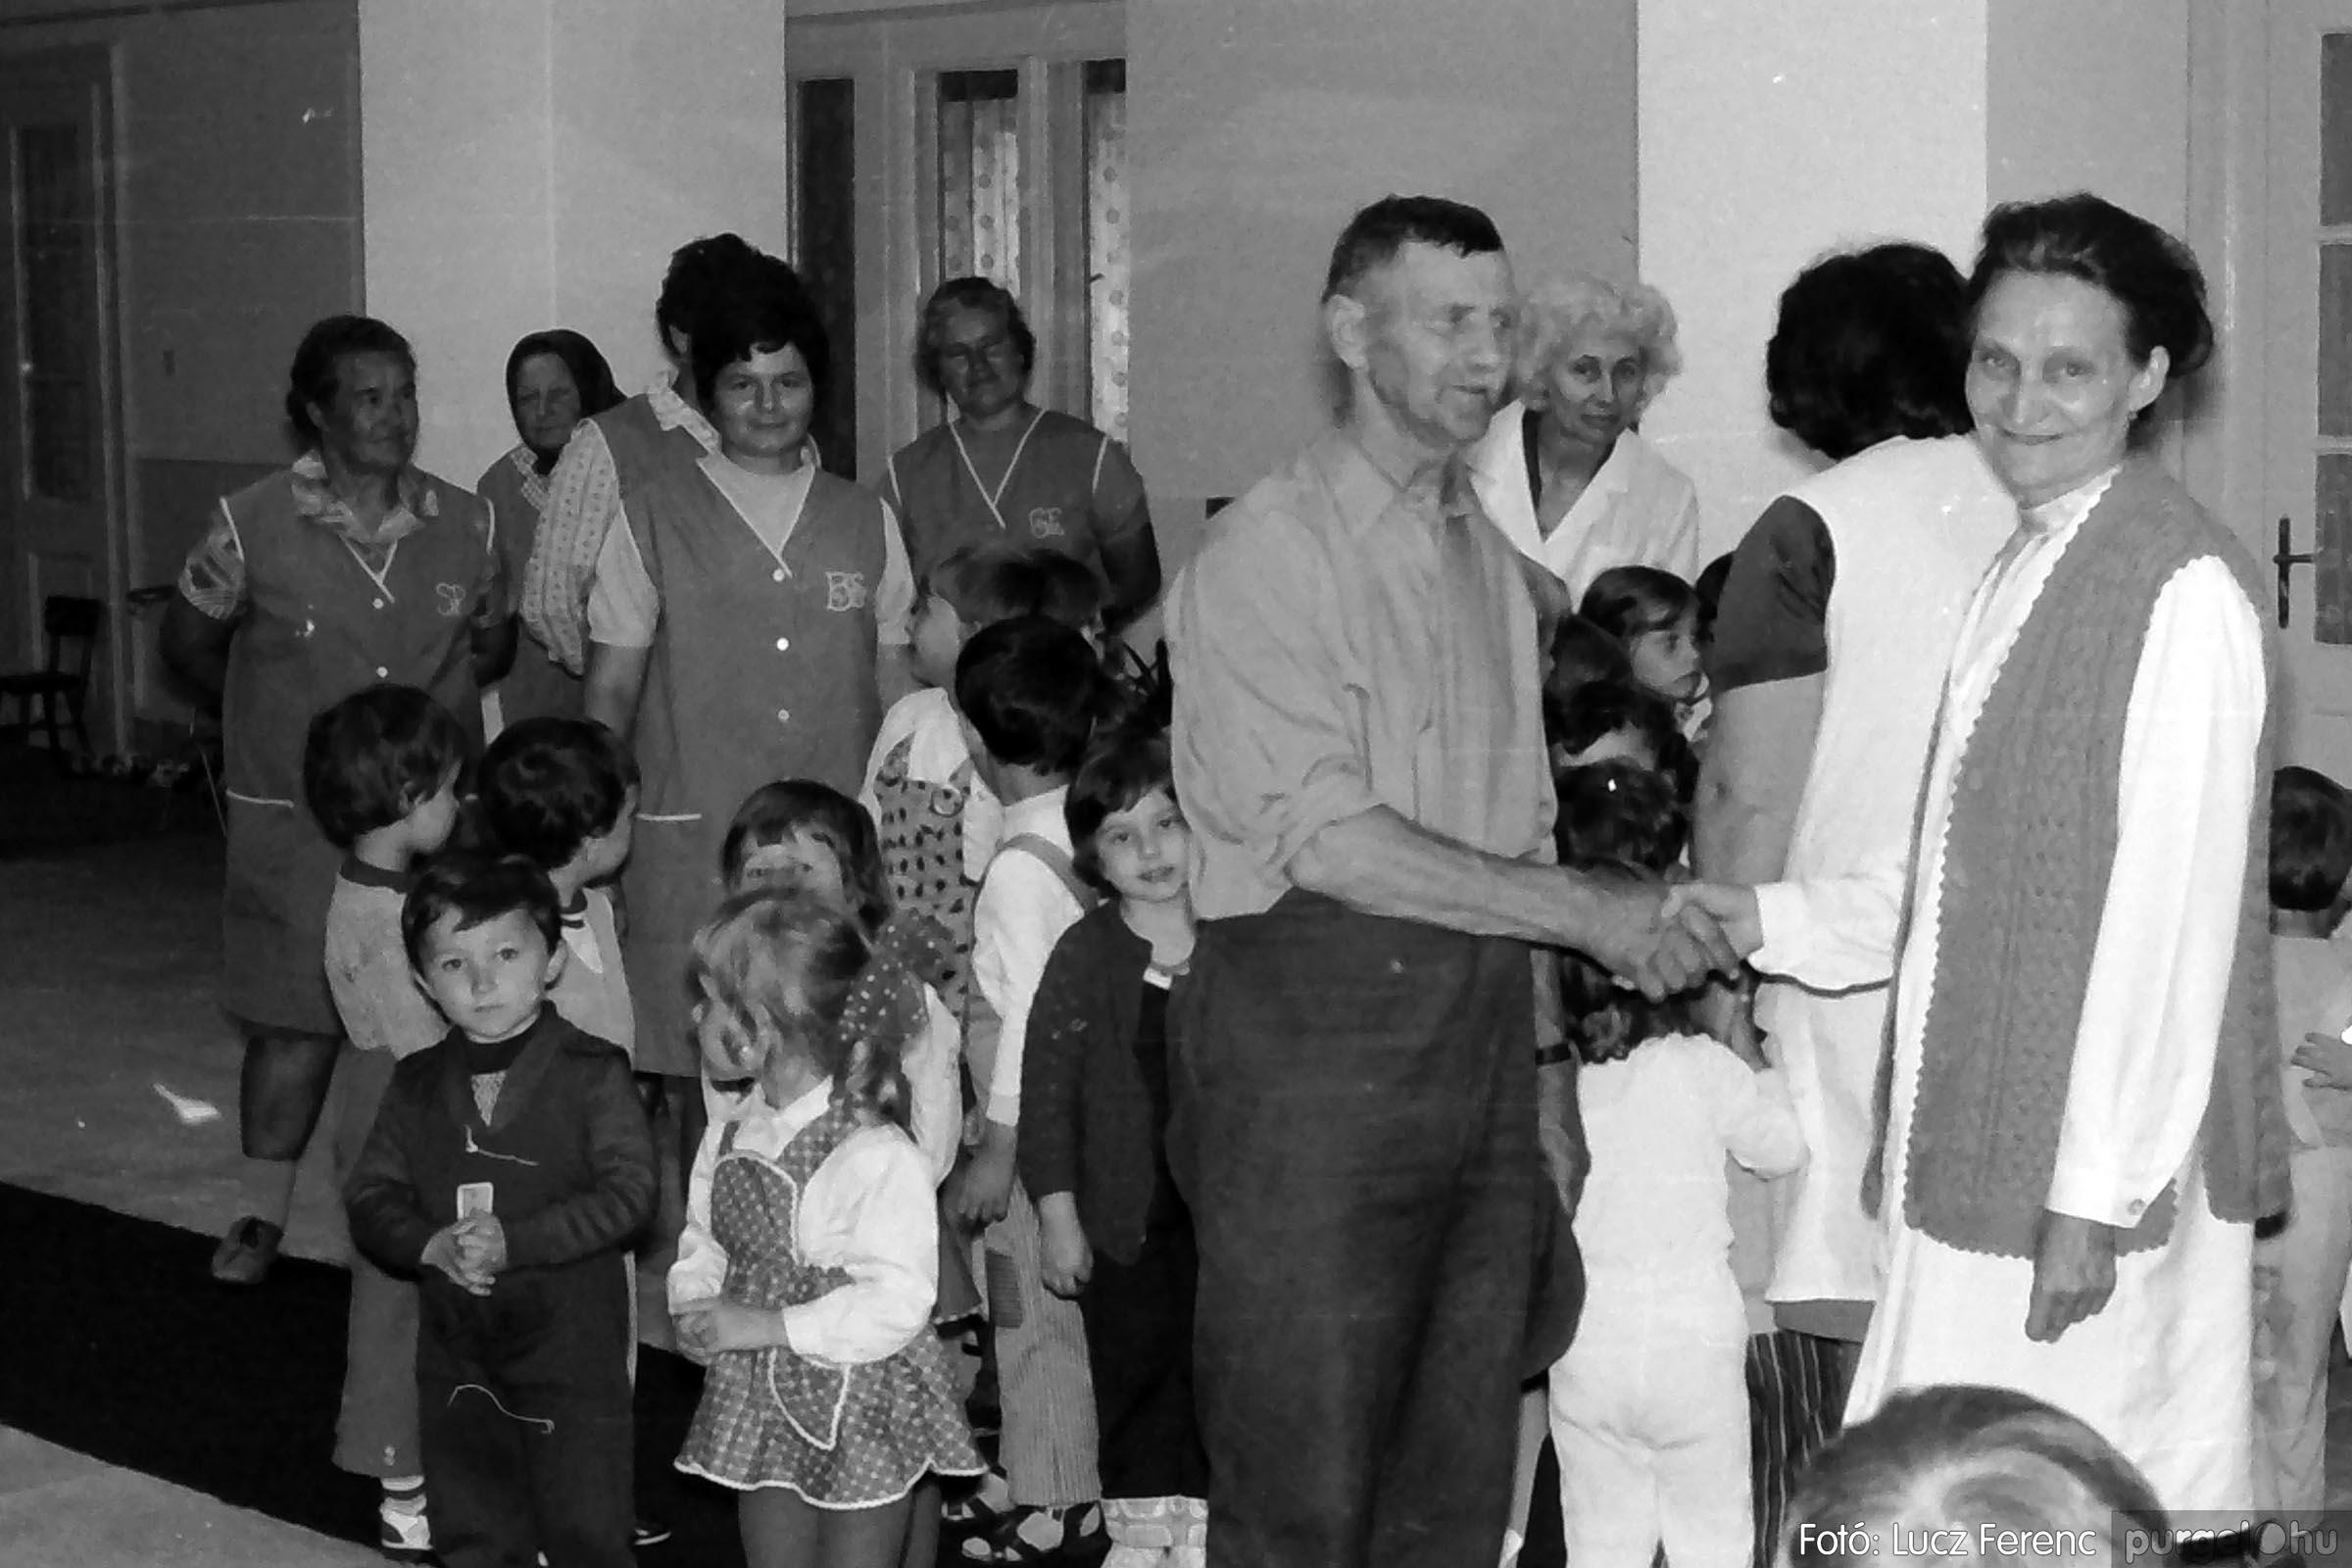 016 1975. Puskin TSZ kertészet szocialista brigád ajándéka az óvodának 011 - Fotó: Lucz Ferenc IMG00172q.jpg